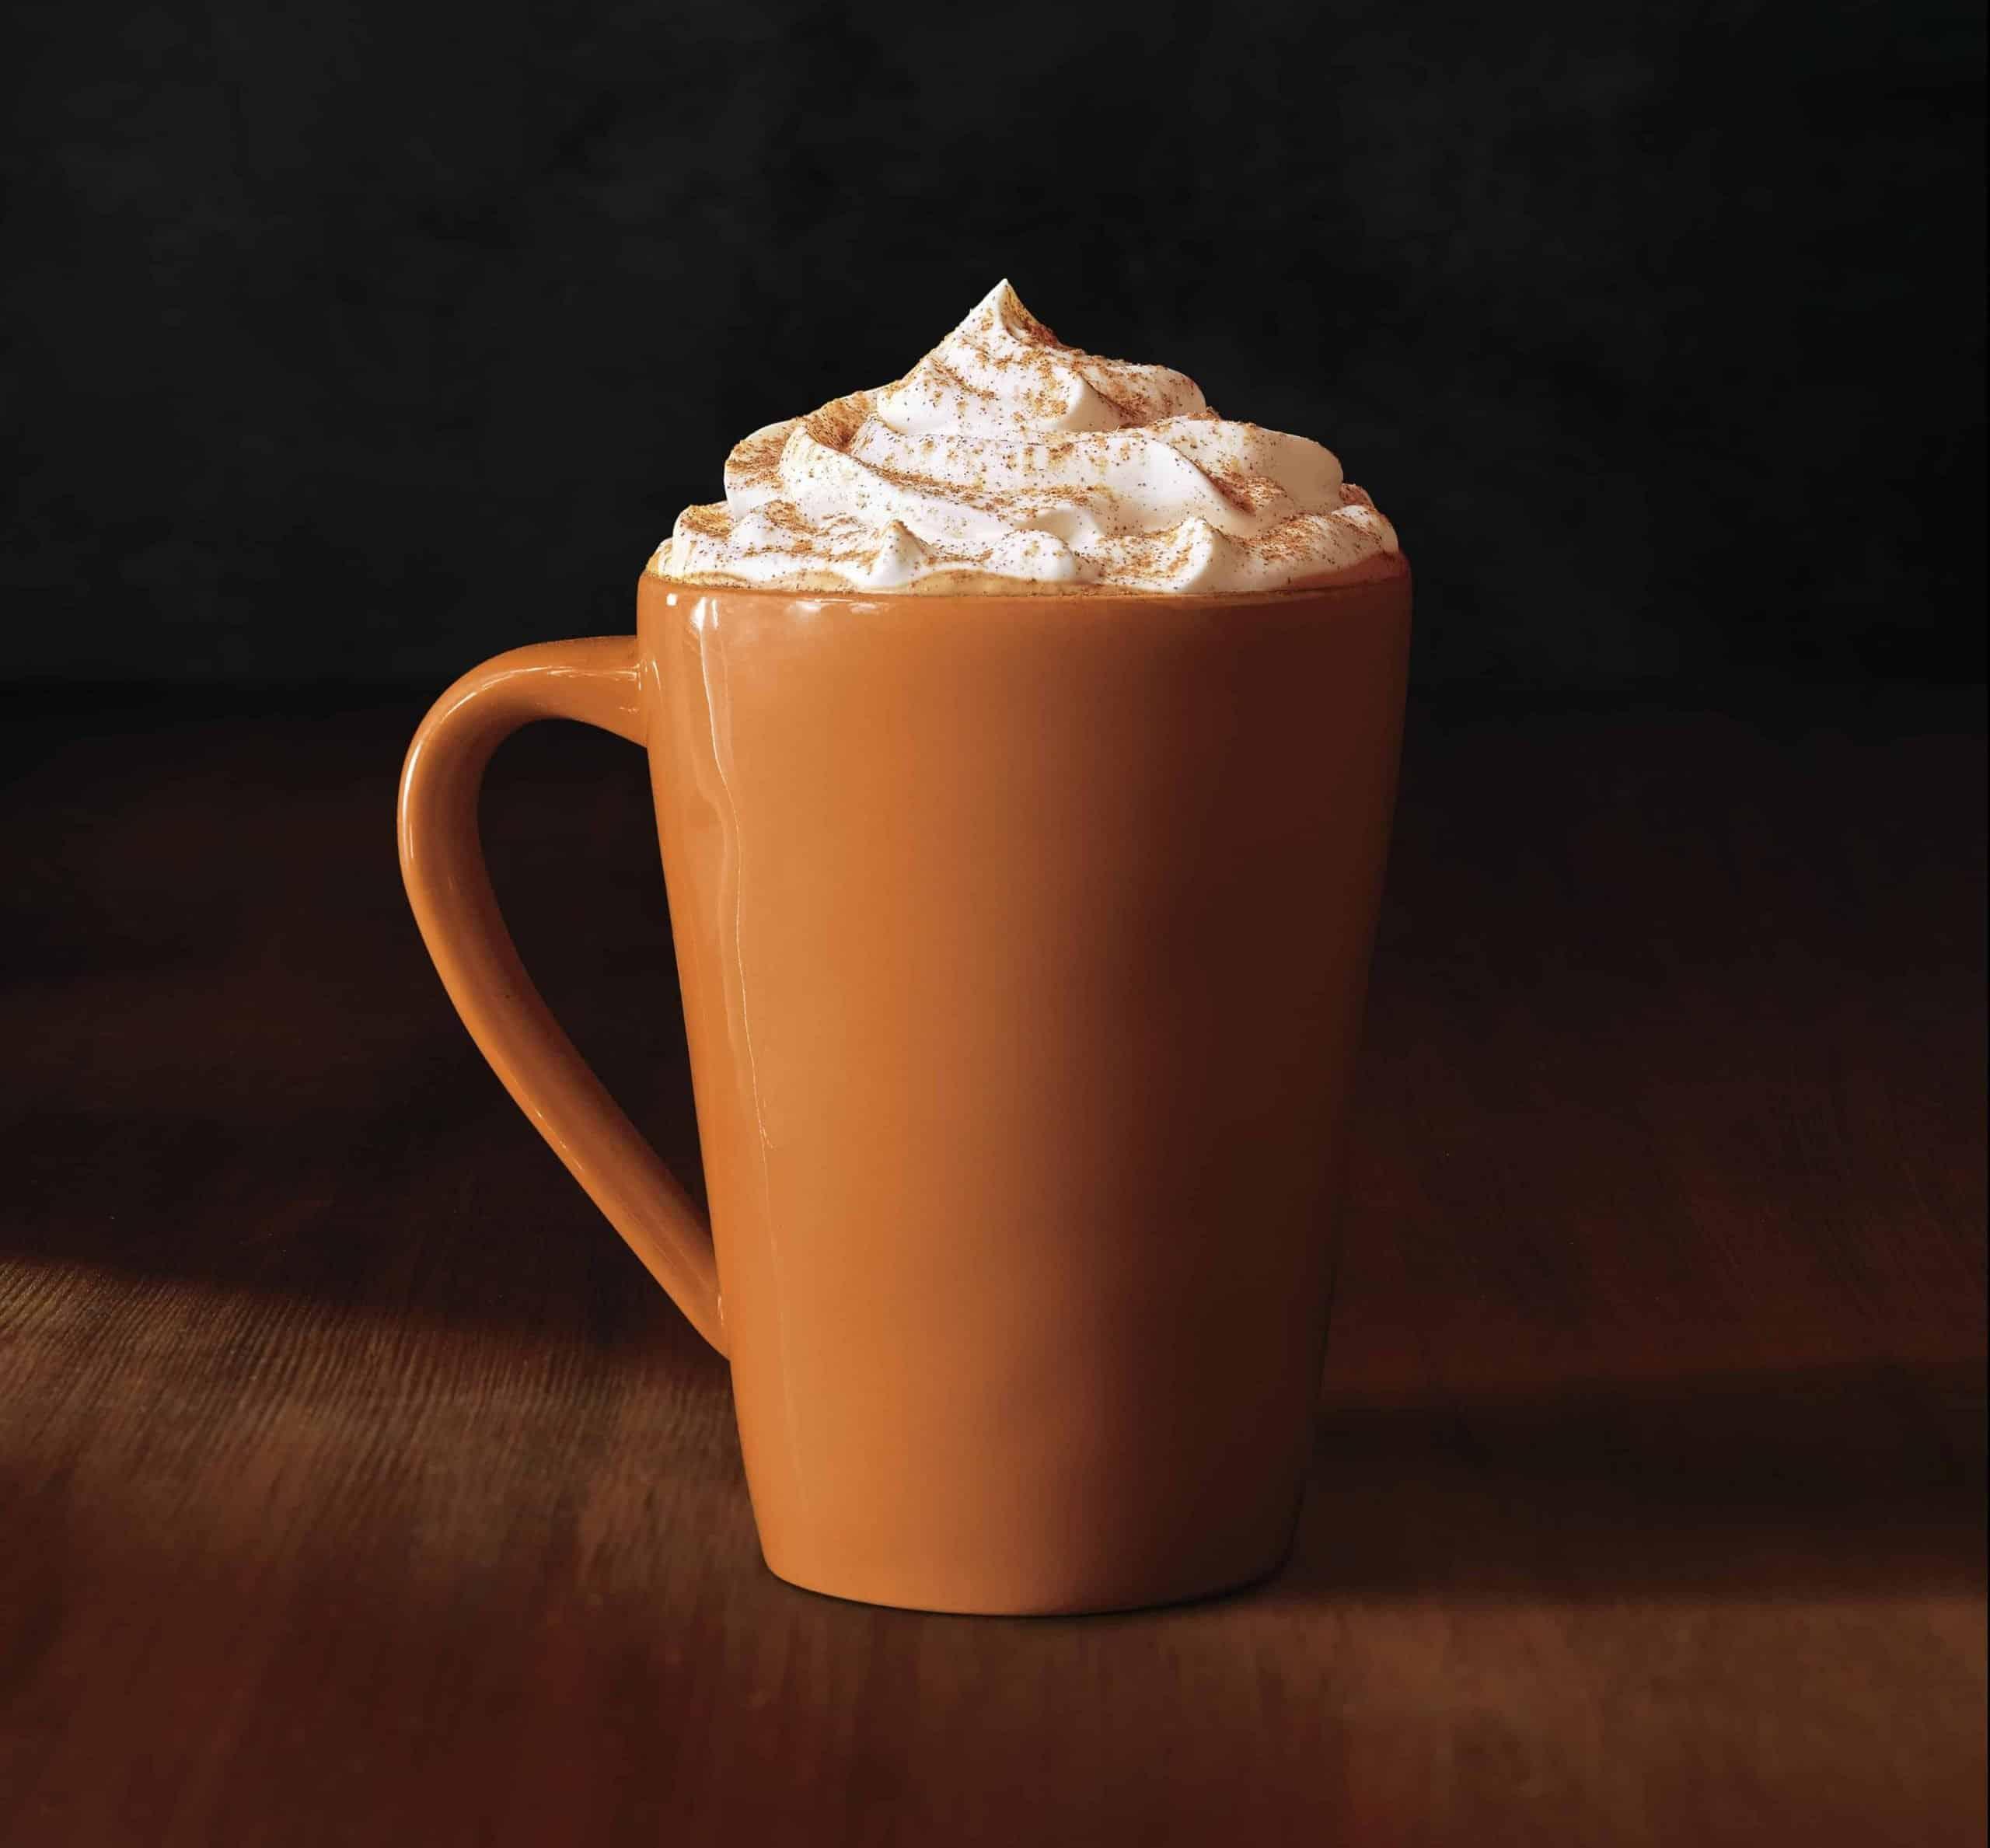 starbucks pumpkin spice latte gluten free